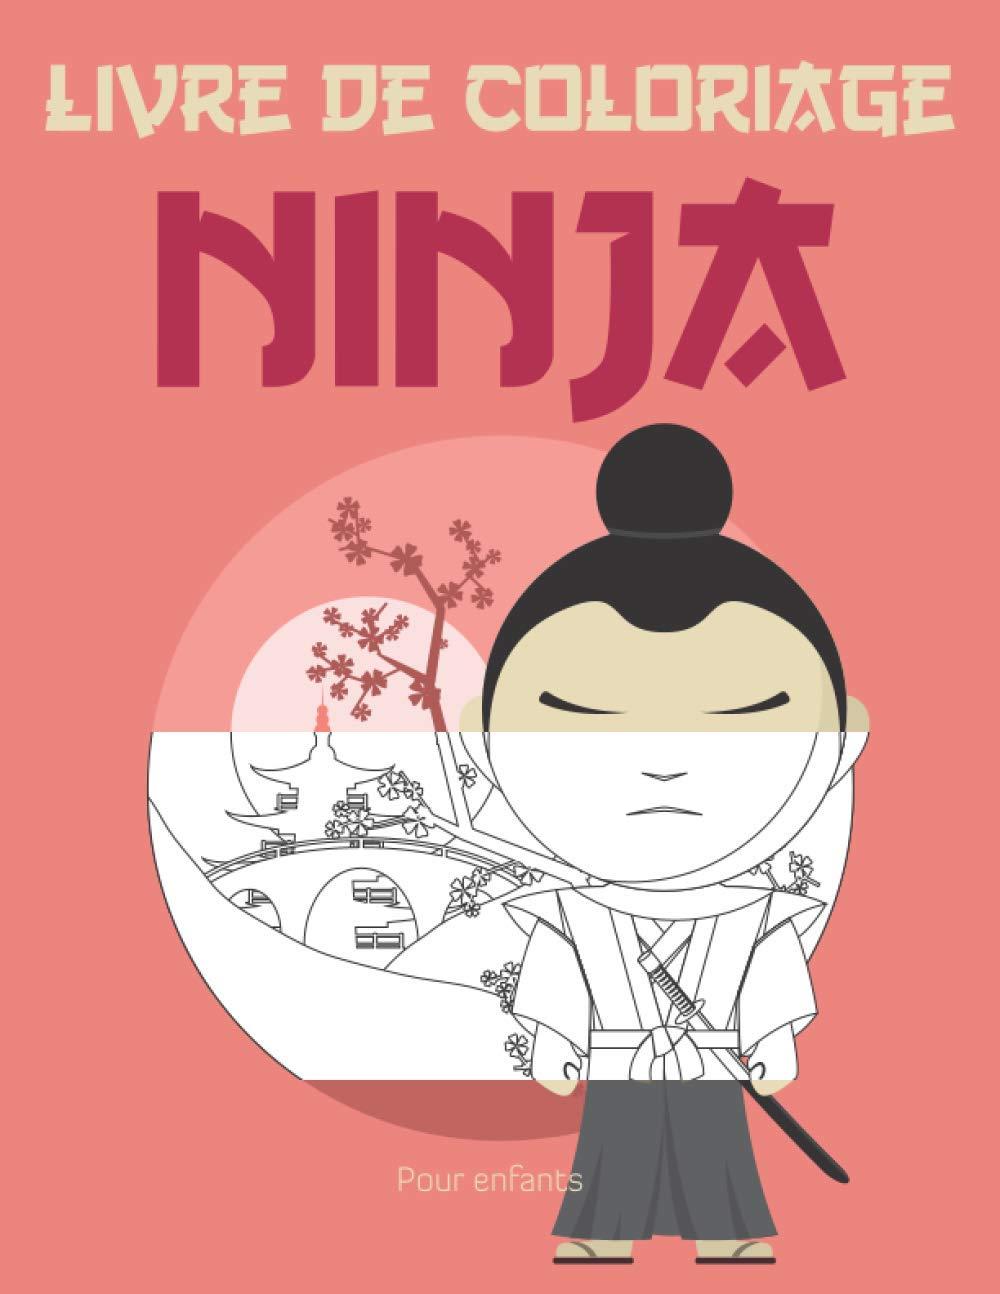 Livre De Coloriage Ninja Plus De 45 Dessins A Colorier Pour Enfants Coloriages Droles Et Faciles Pour Les Enfants Garcons Et Filles Le Cadeau Parfait Pour Les Fans De Ninja